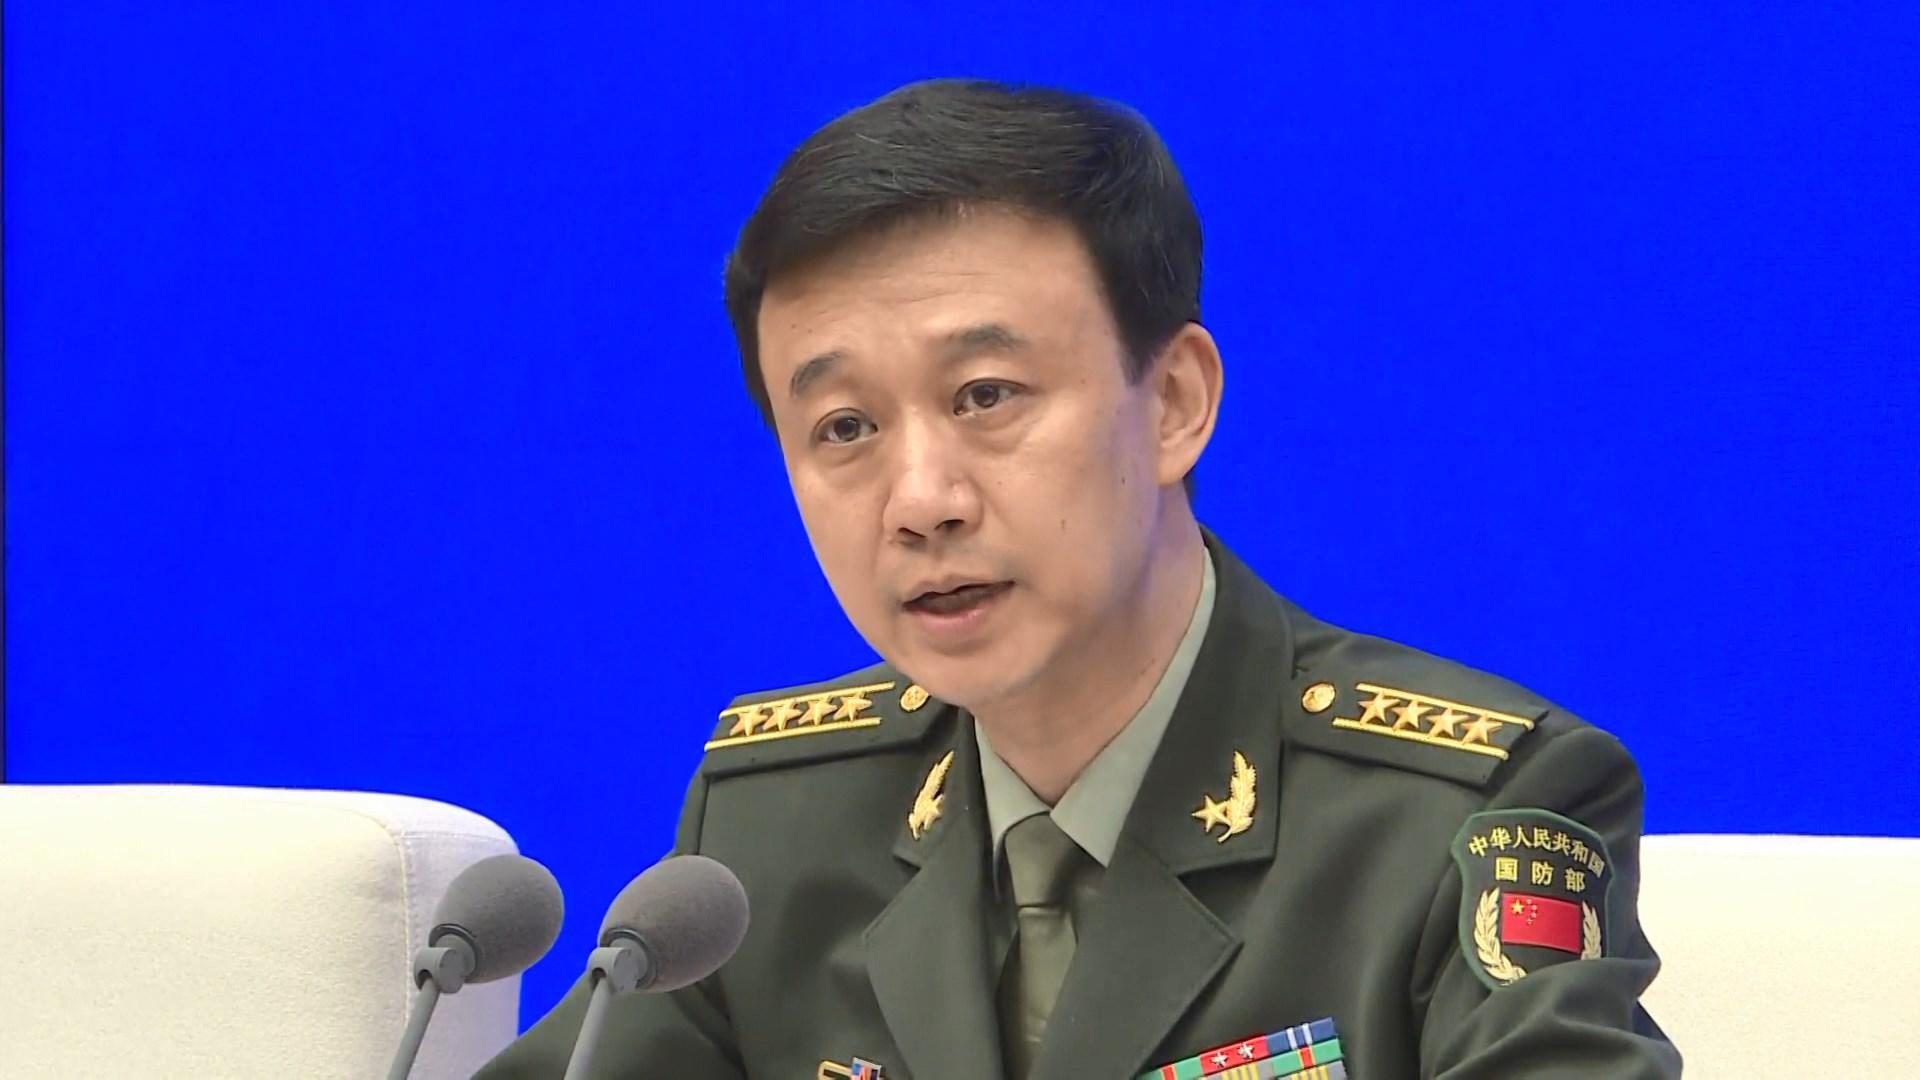 國防部︰搞台獨死路一條 中國必須統一